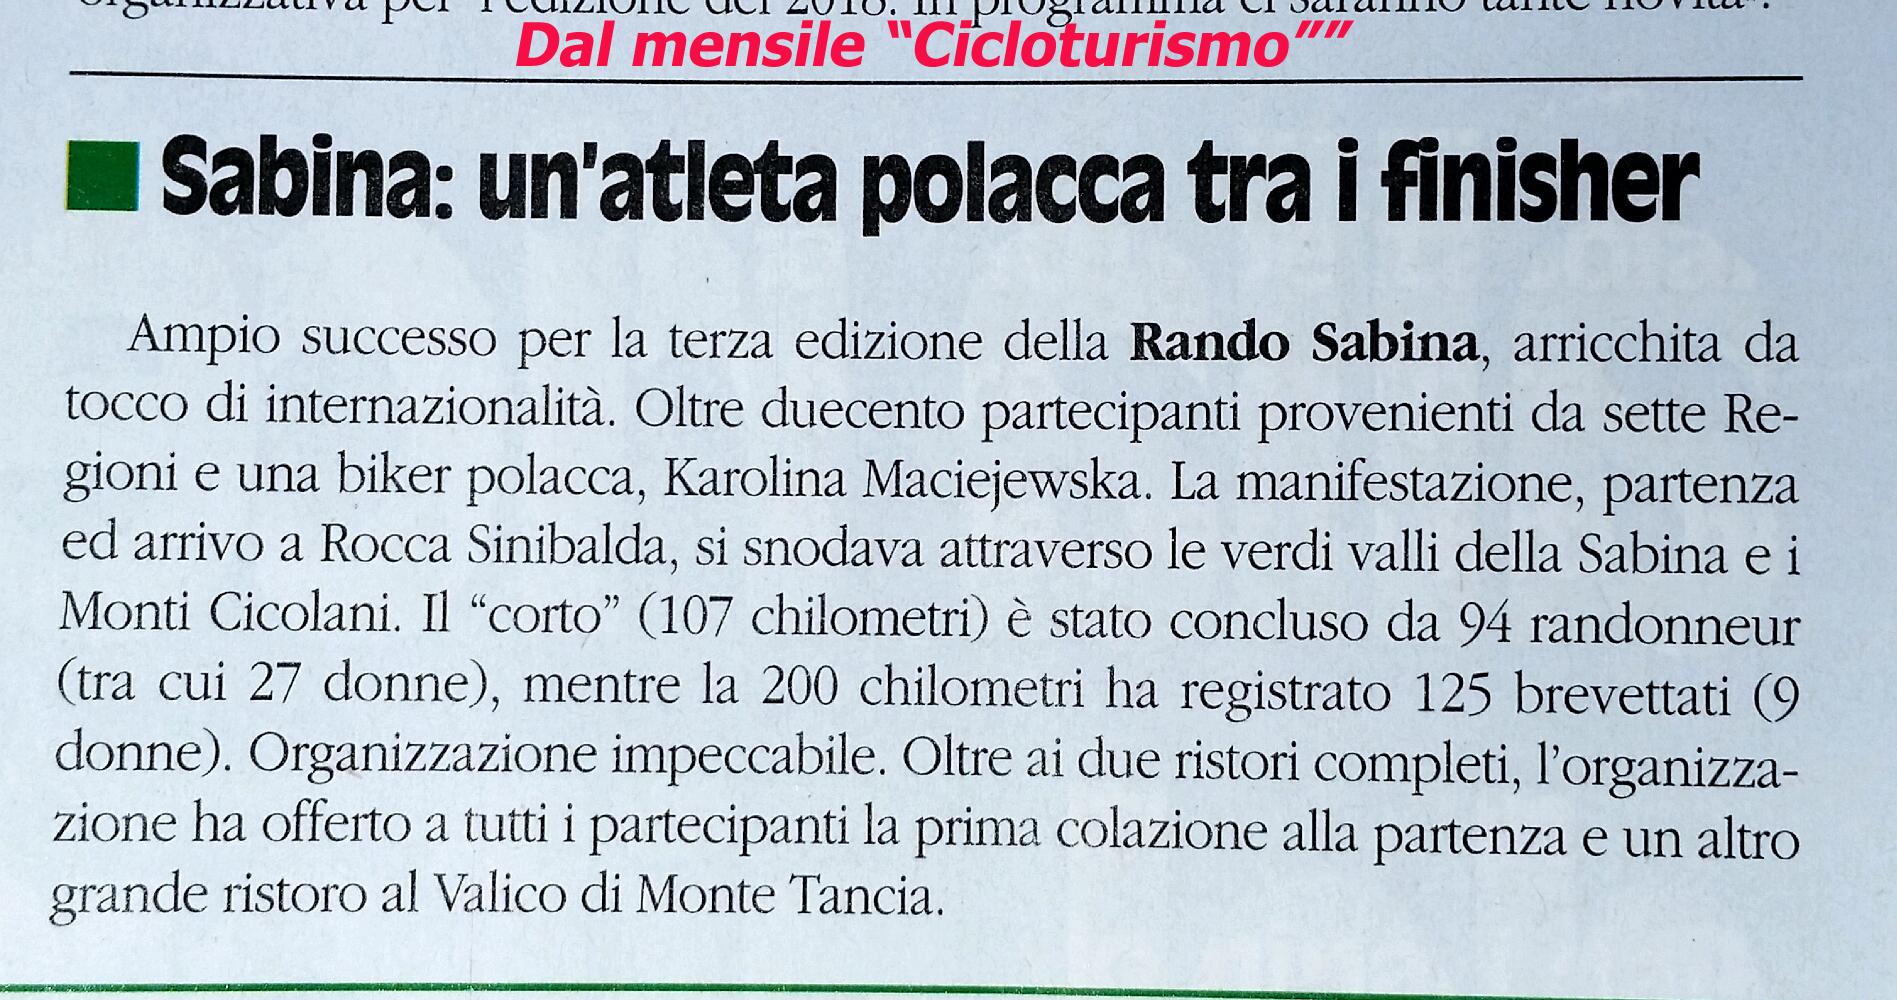 RandoSabina Cicloturismo 2017 copia.jpg